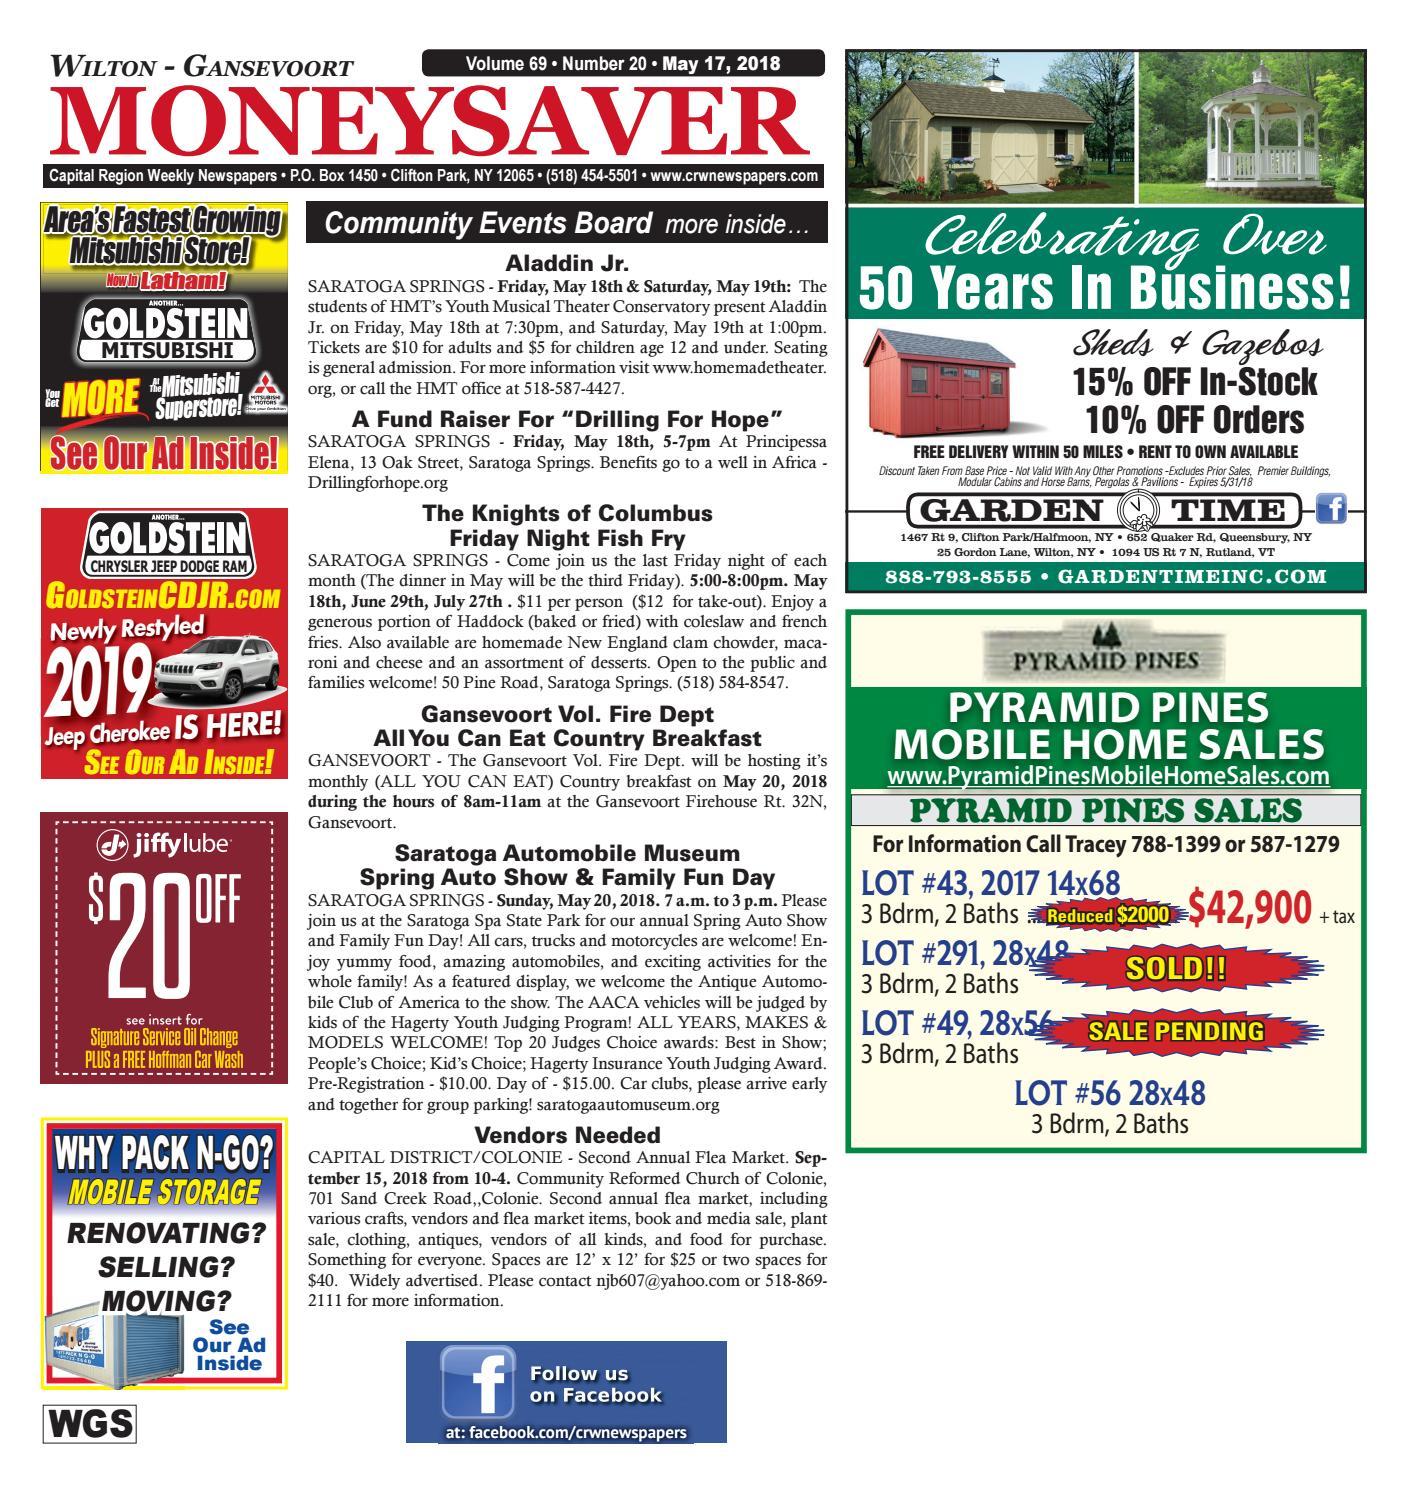 Wilton Gansevoort Moneysaver 051718 by Capital Region Weekly Newspapers - issuu